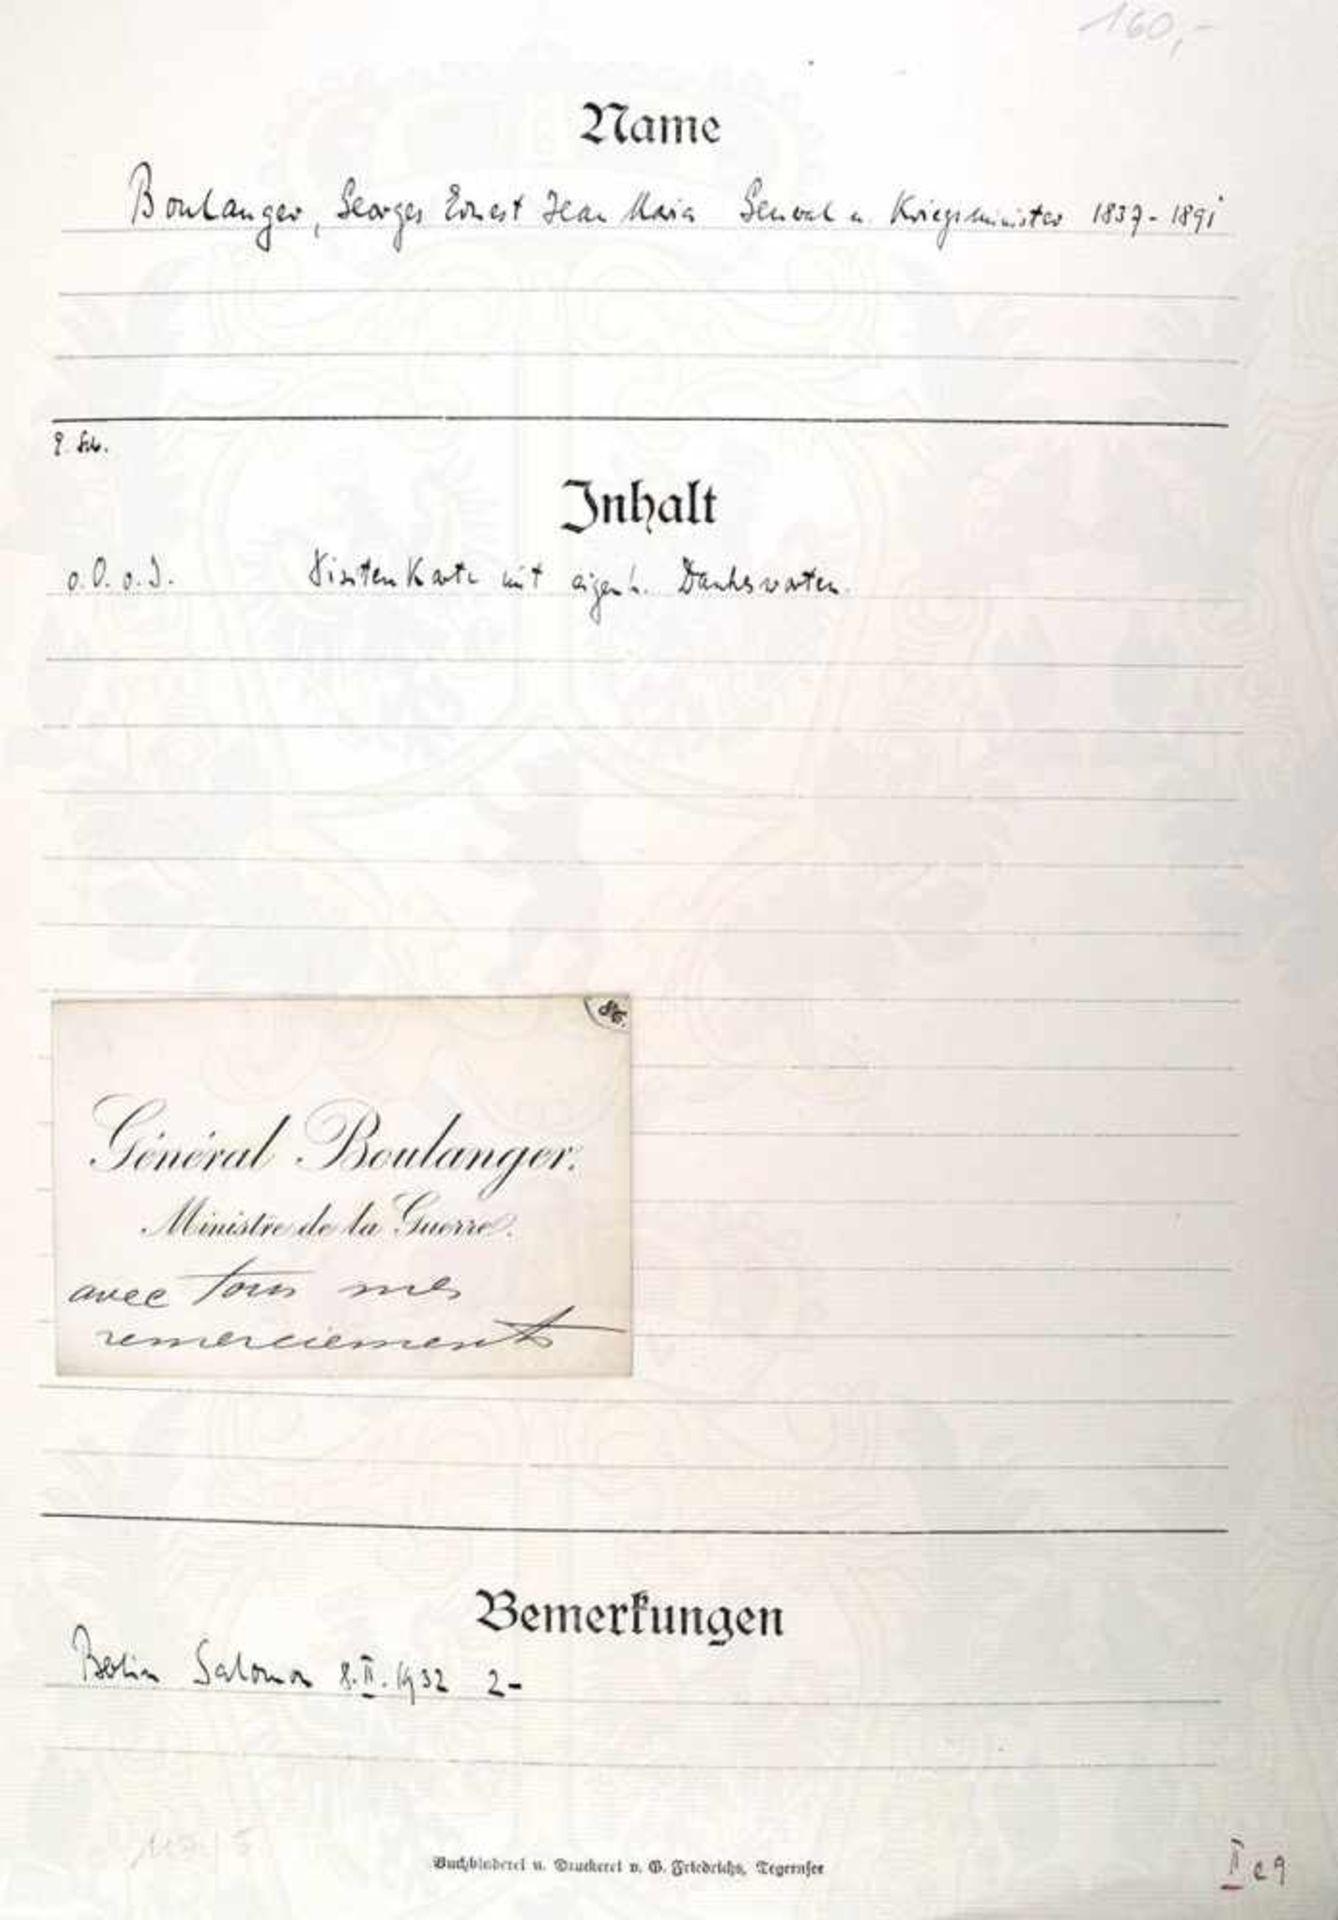 BOULANGER, GEORGES, 1837-1891, Französischer General und Kriegsminister, Visitenkarte mit